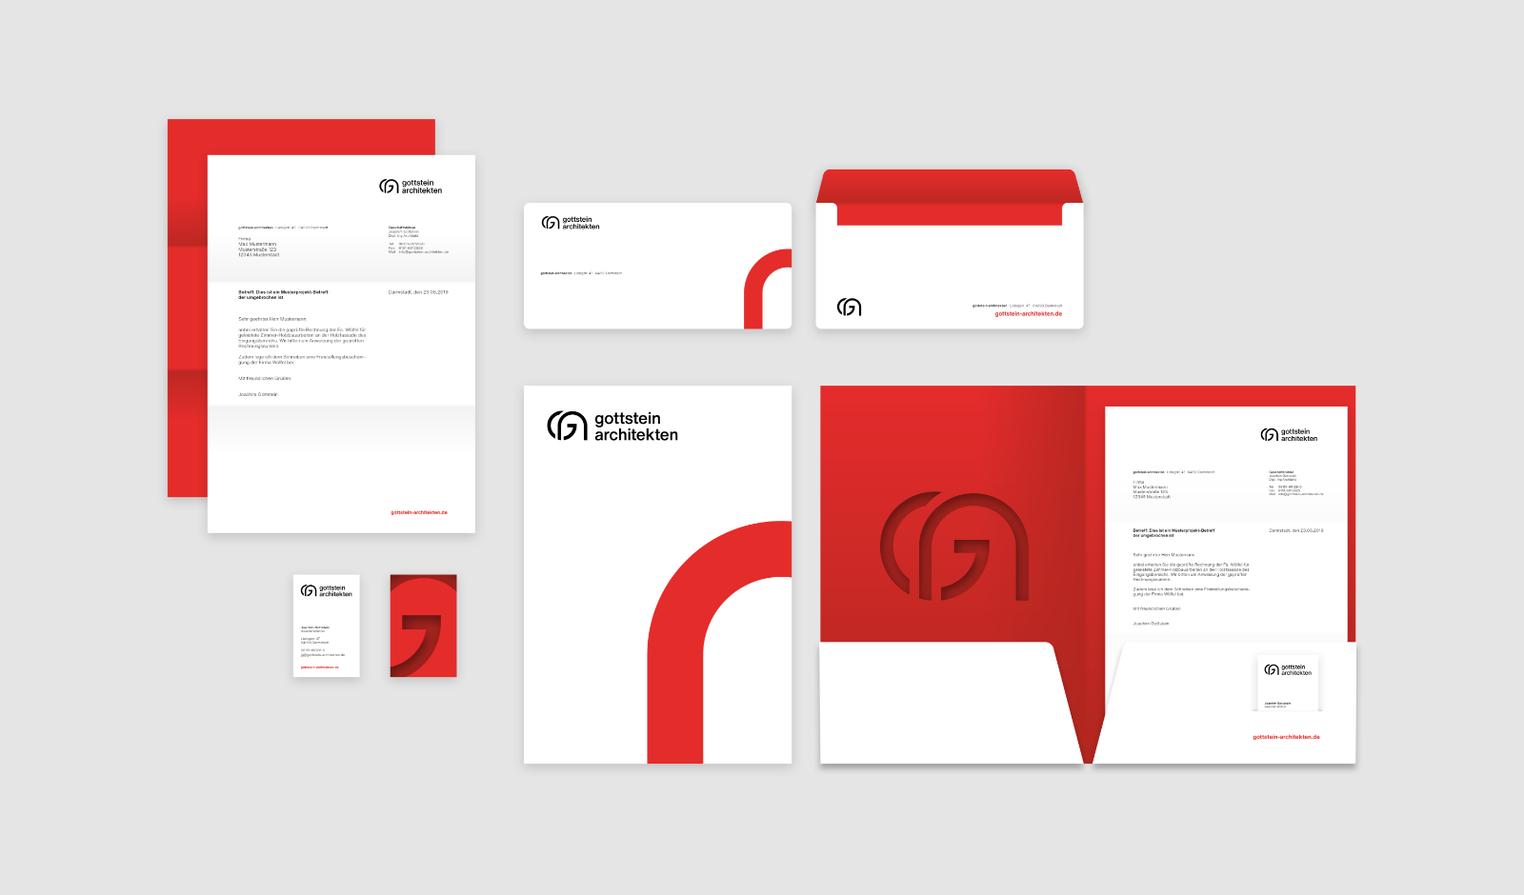 Corporate Design Geschäftsausstattung Stationery Architecture